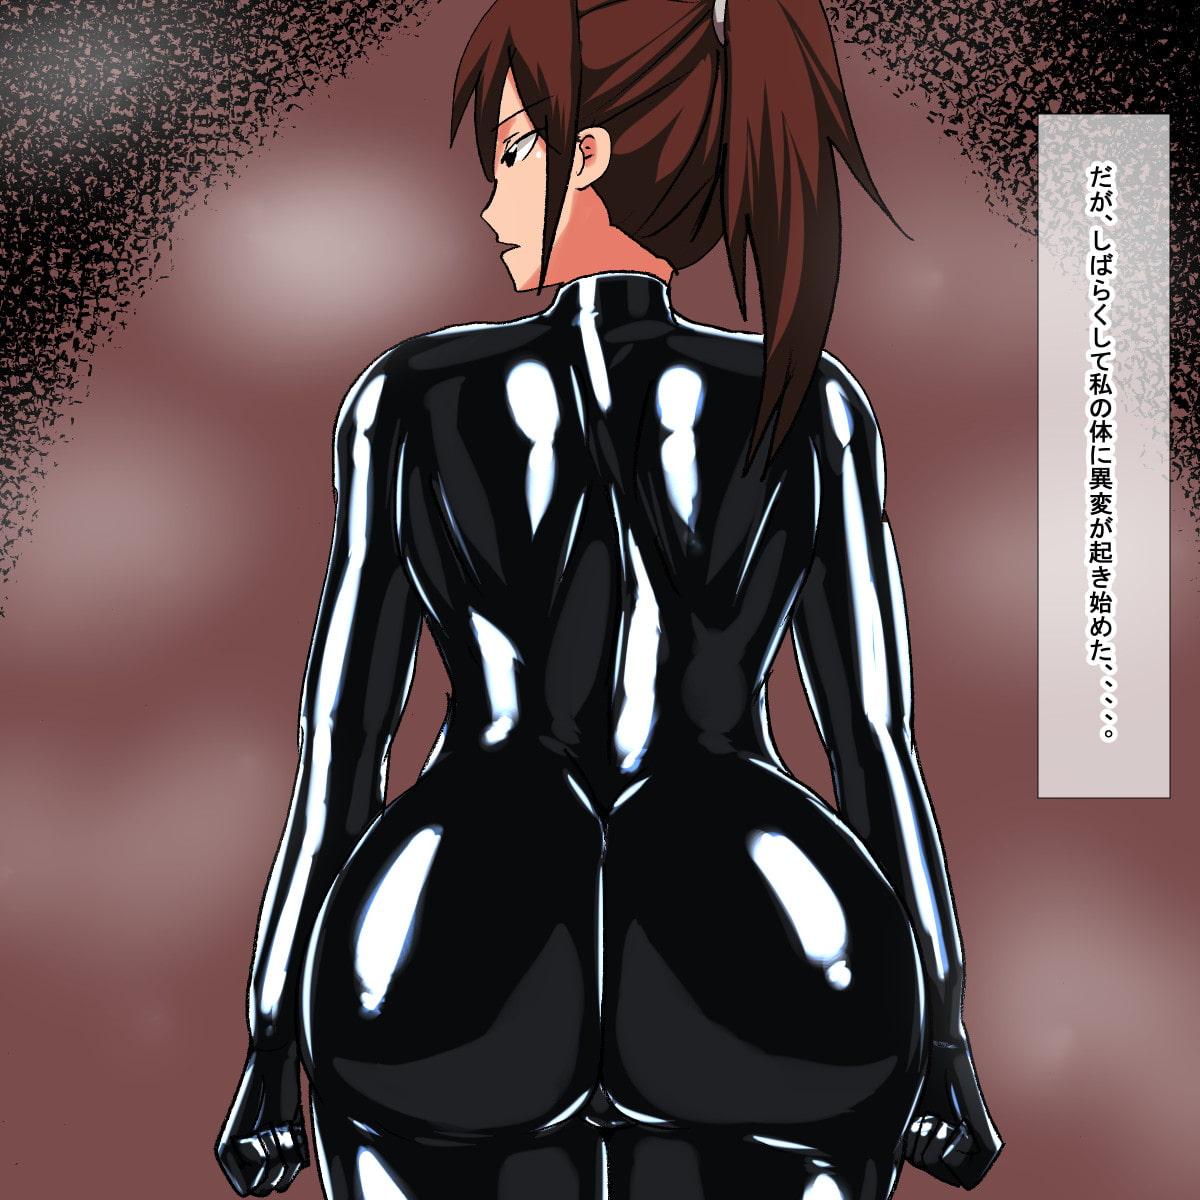 RJ323533 mm ラバースーツ(ボディスーツ)女スパイ媚薬姦 [20210409]